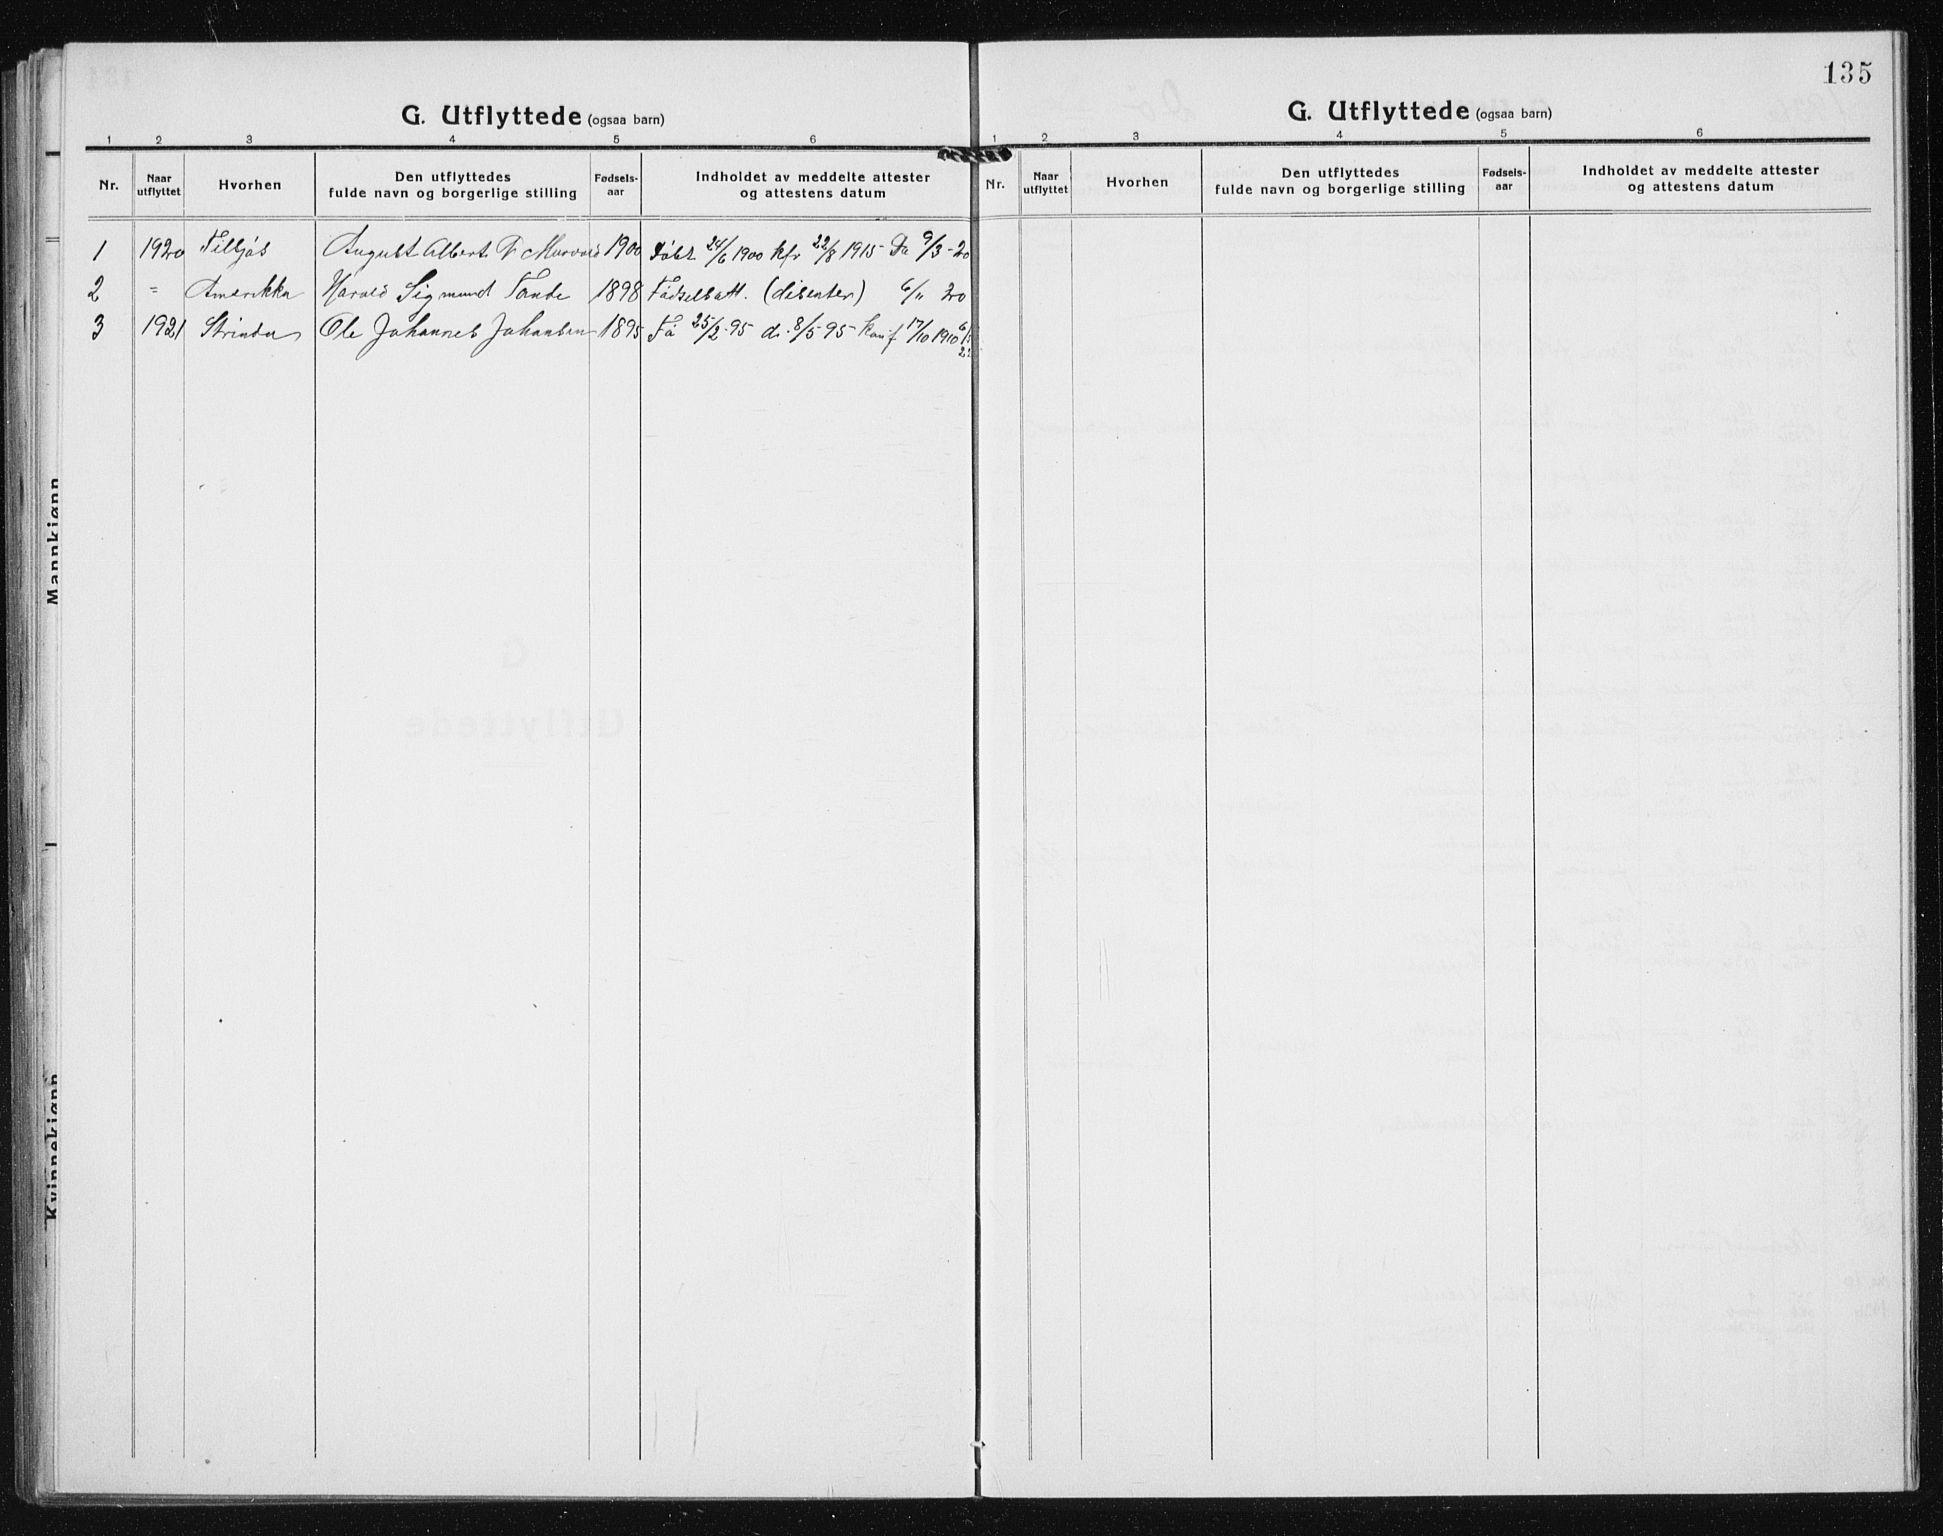 SAT, Ministerialprotokoller, klokkerbøker og fødselsregistre - Sør-Trøndelag, 635/L0554: Klokkerbok nr. 635C02, 1919-1942, s. 135